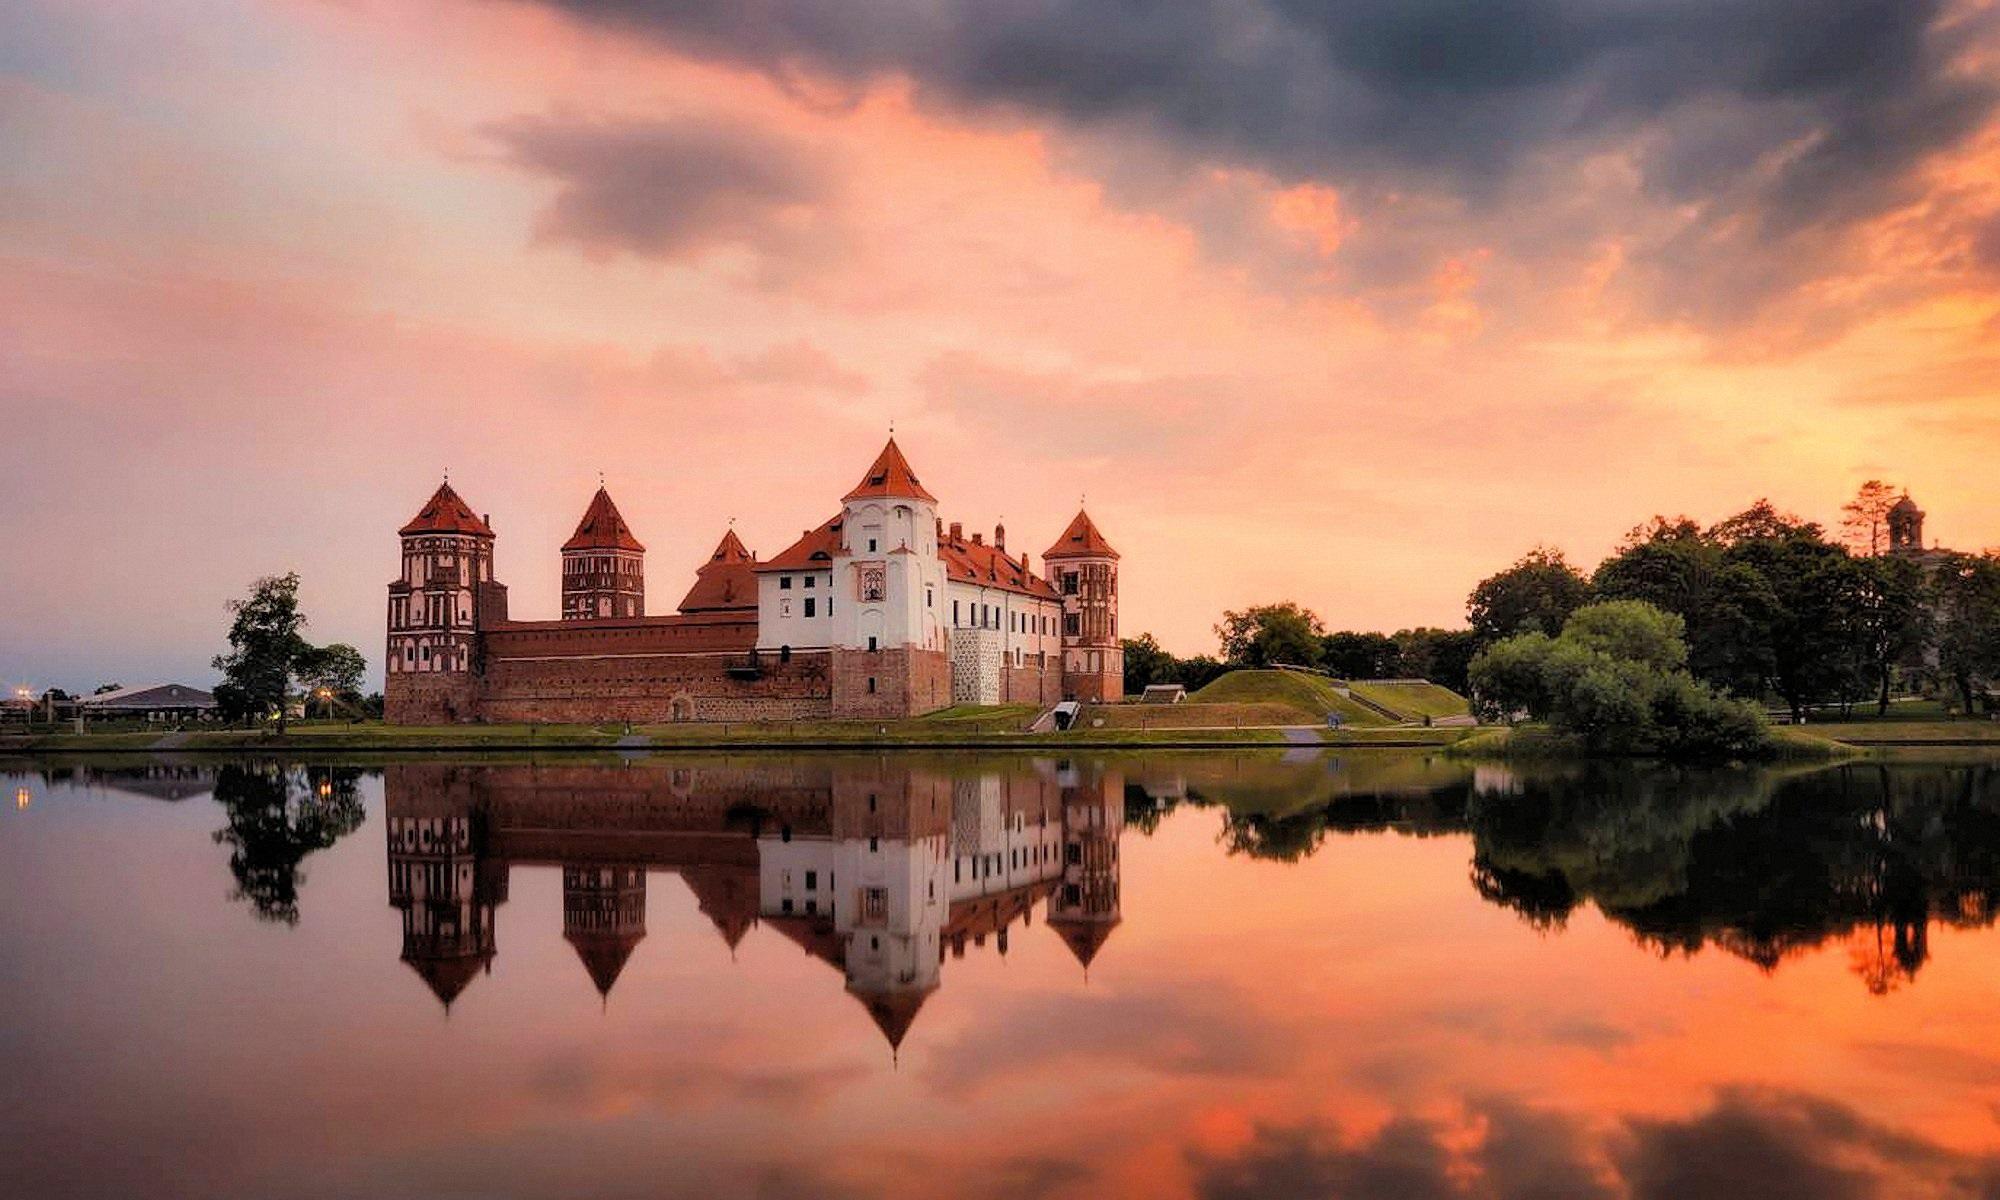 00 Vlad Sokolovsky. Mirsky Castle in Belarus. 2015